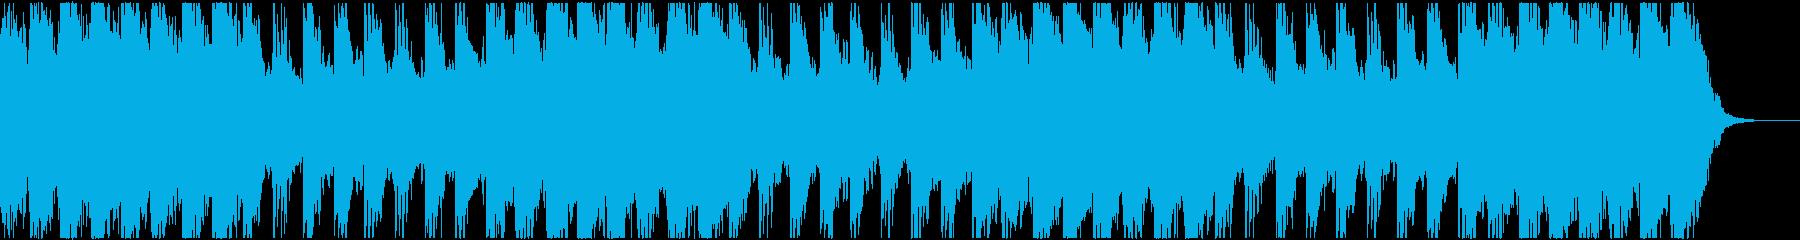 ヒーリング・アコギ・リラックス・癒しの再生済みの波形